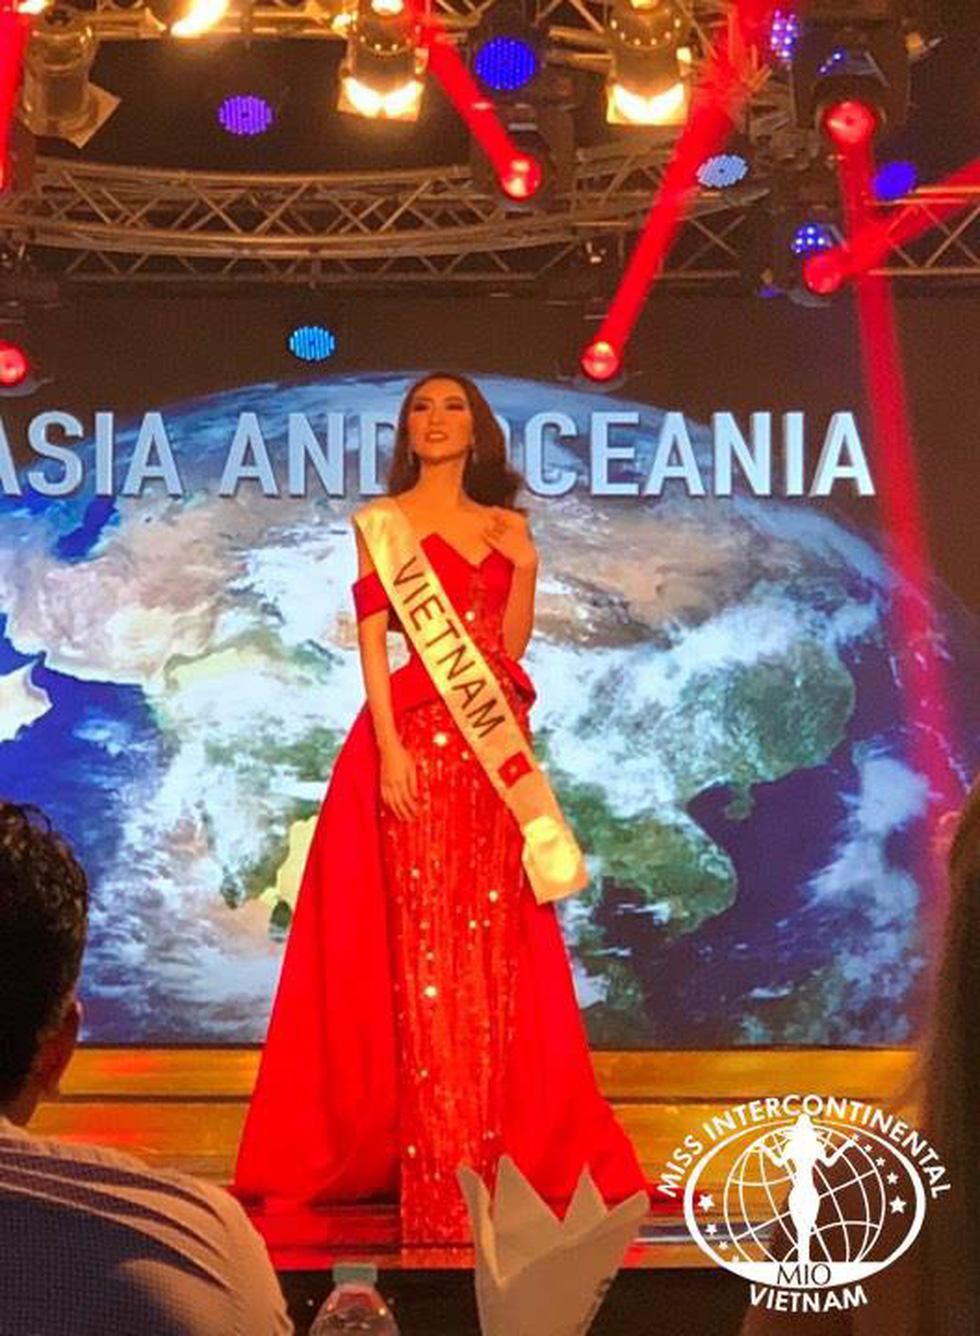 Tường Linh đoạt giải Hoa hậu được yêu thích nhất - Ảnh 4.